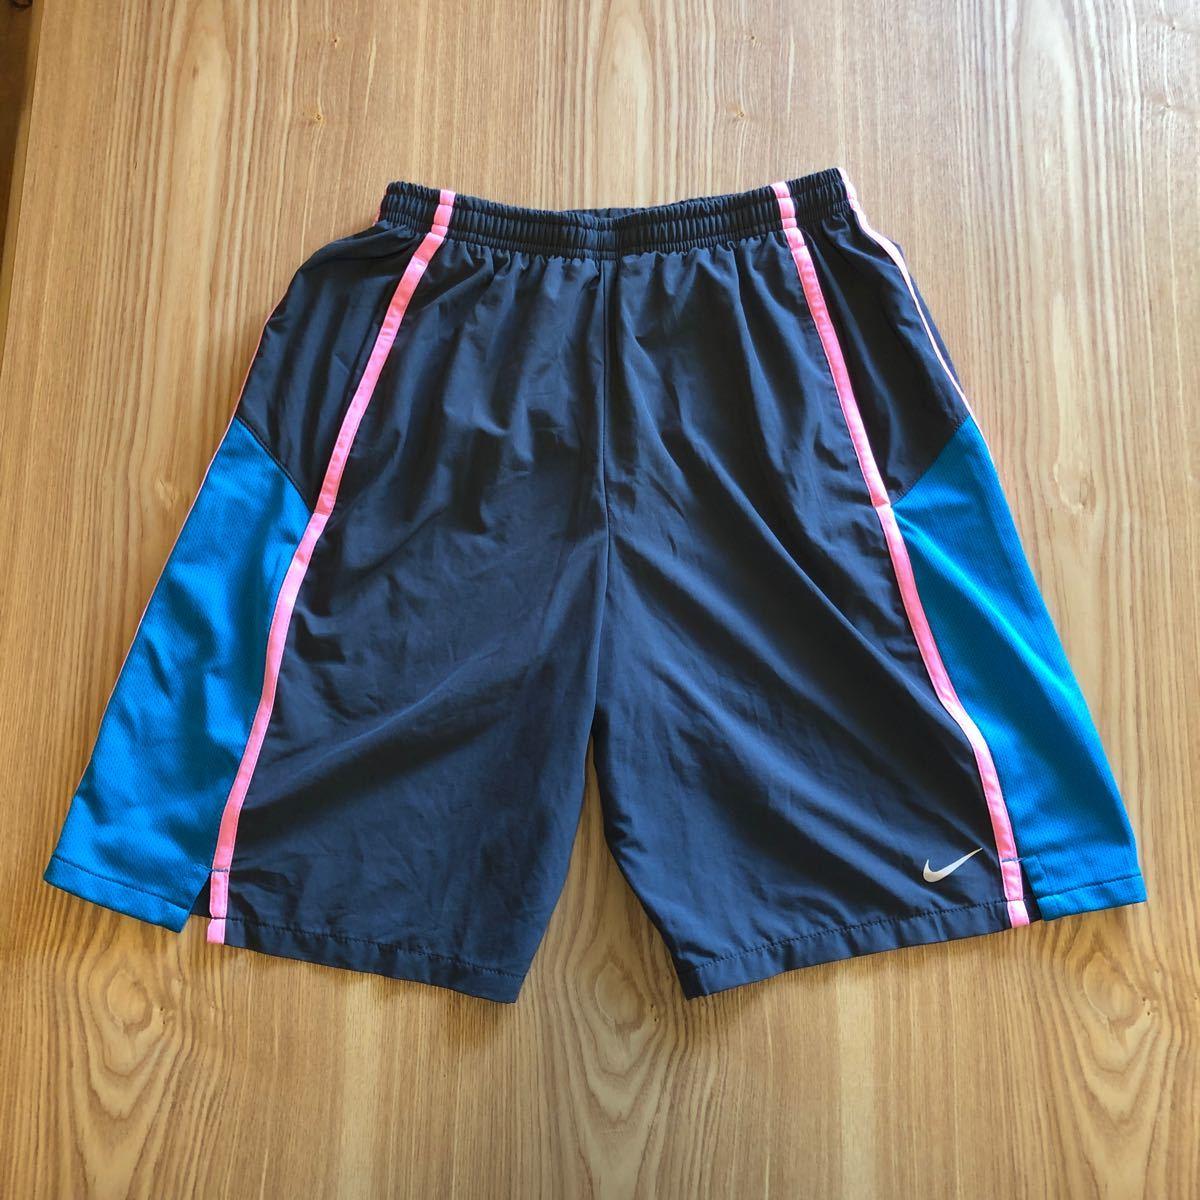 NIKE ナイキ ランニング ショート パンツ メンズ S 背面ポケット付き